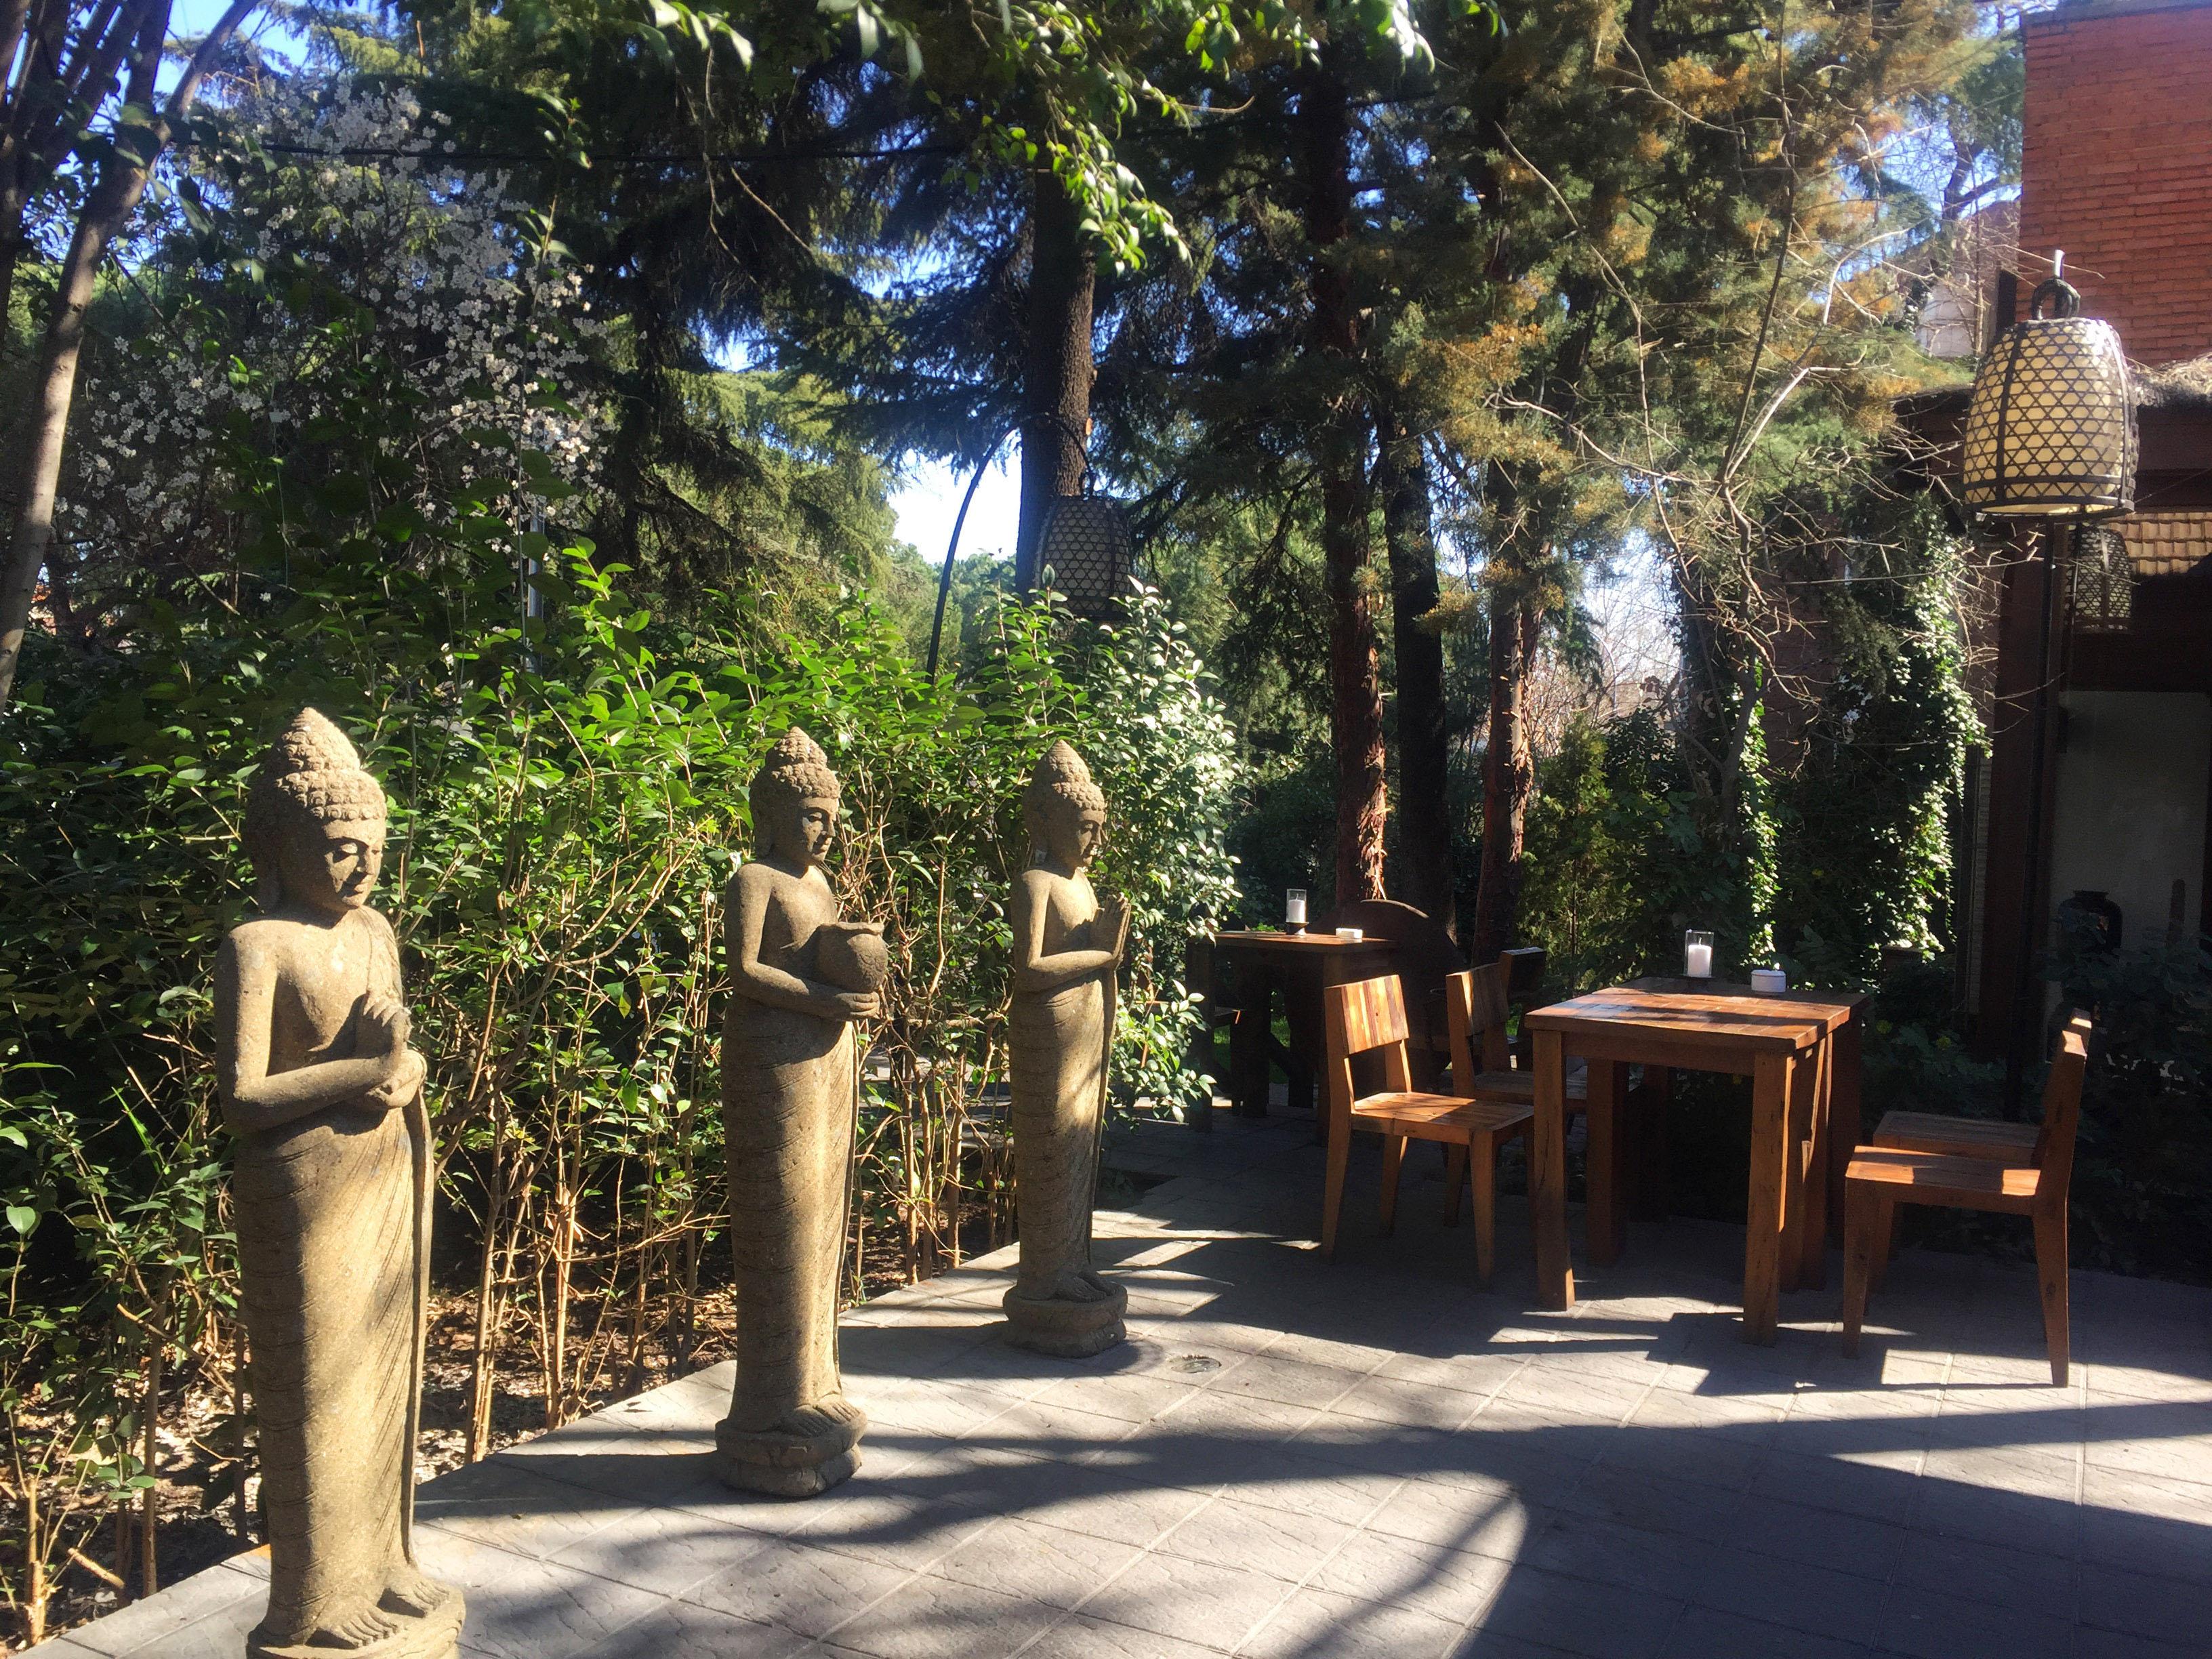 thai_garden_2112_arturo_Soria